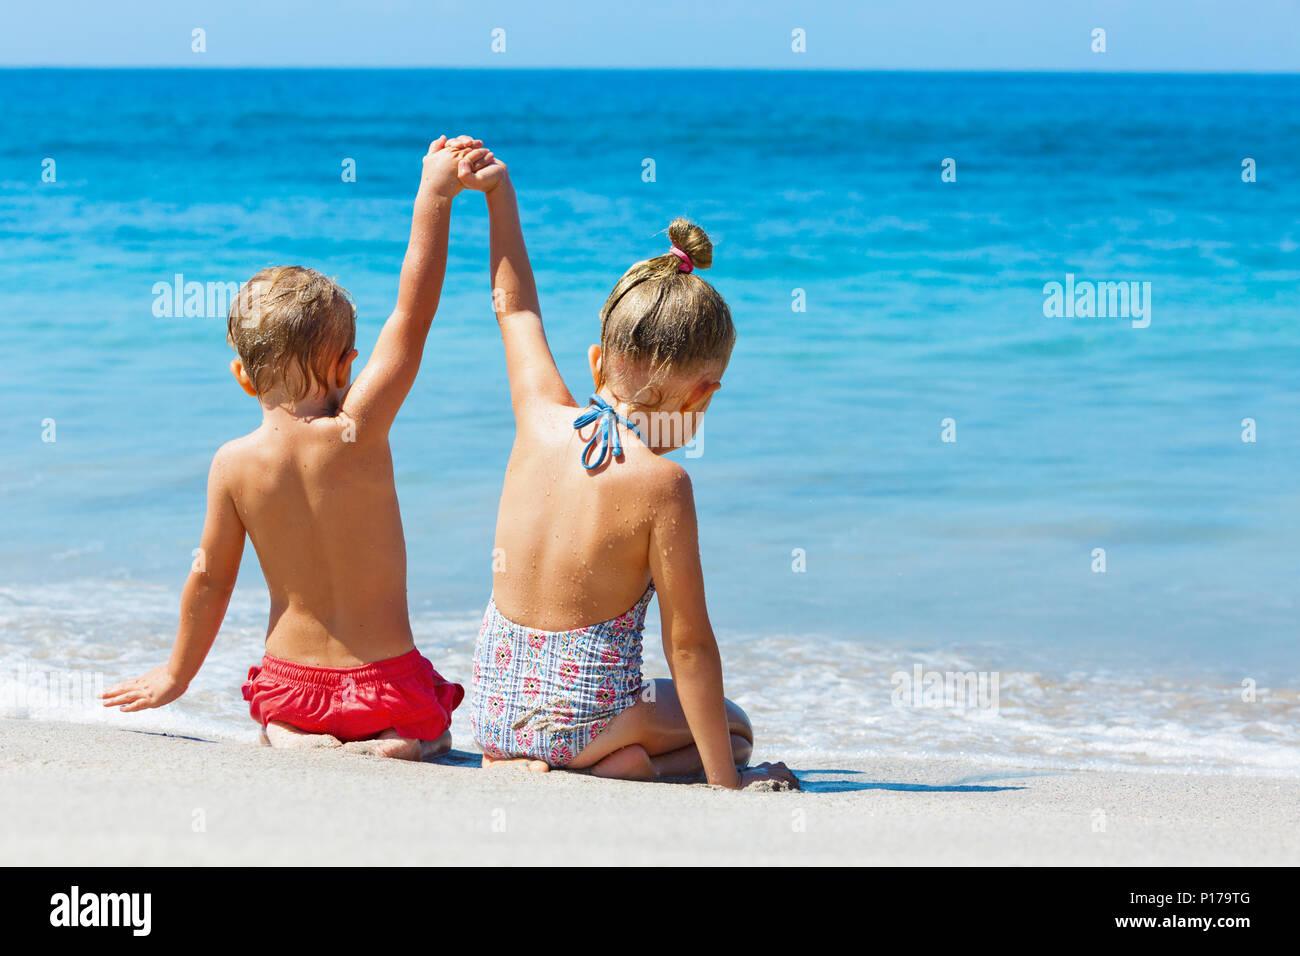 Happy kids ont in surf sur la mer plage de sable fin. Les enfants sont assis dans l'eau avec les mains. Style de voyage, vacances en famille activités natation Photo Stock